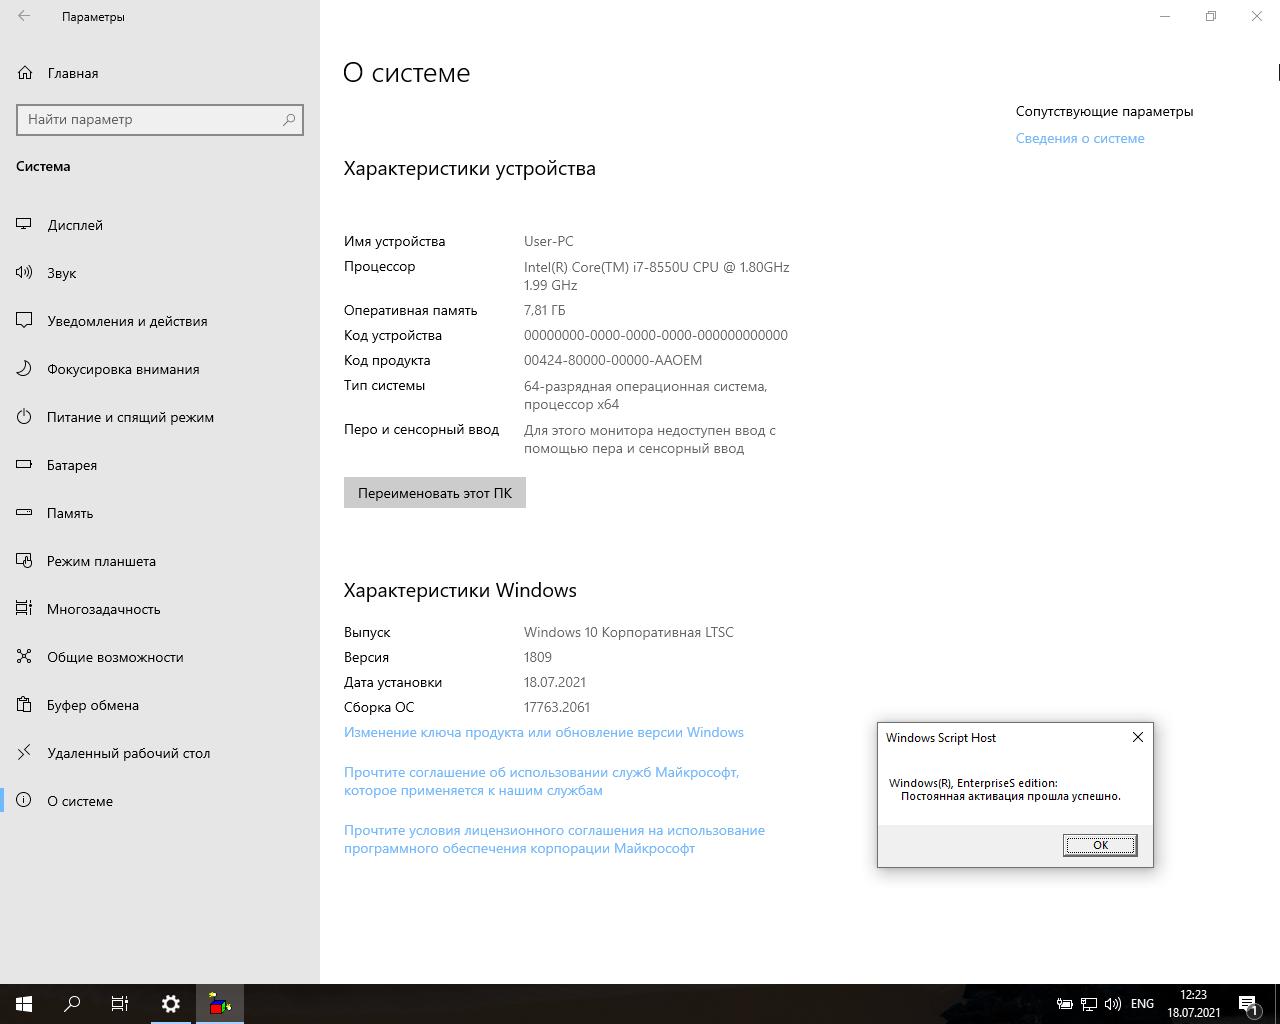 Windows 10 Enterprise LTSC x64-x86 WPI by AG 07.2021 [17763.2061]